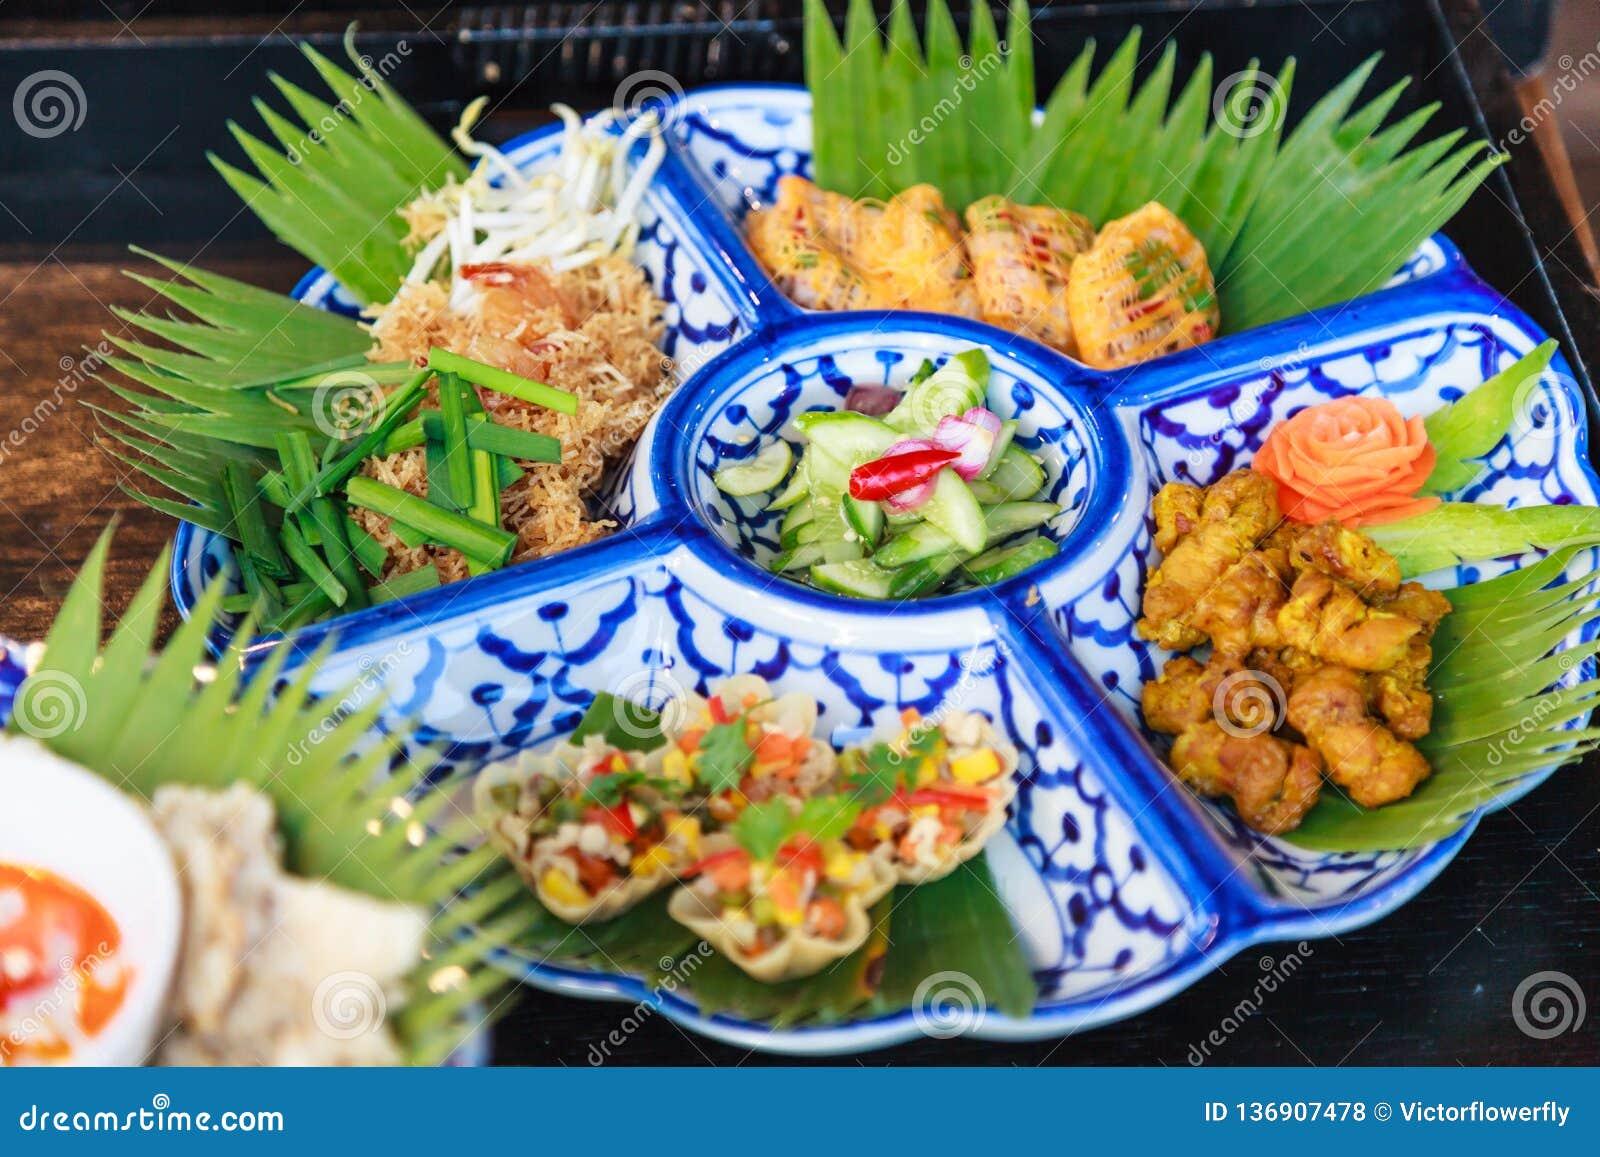 Plateau focalisé sélectif de nourriture de cuisine de la Thaïlande ; Nouilles de riz croustillantes thaïlandaises traditionnelles